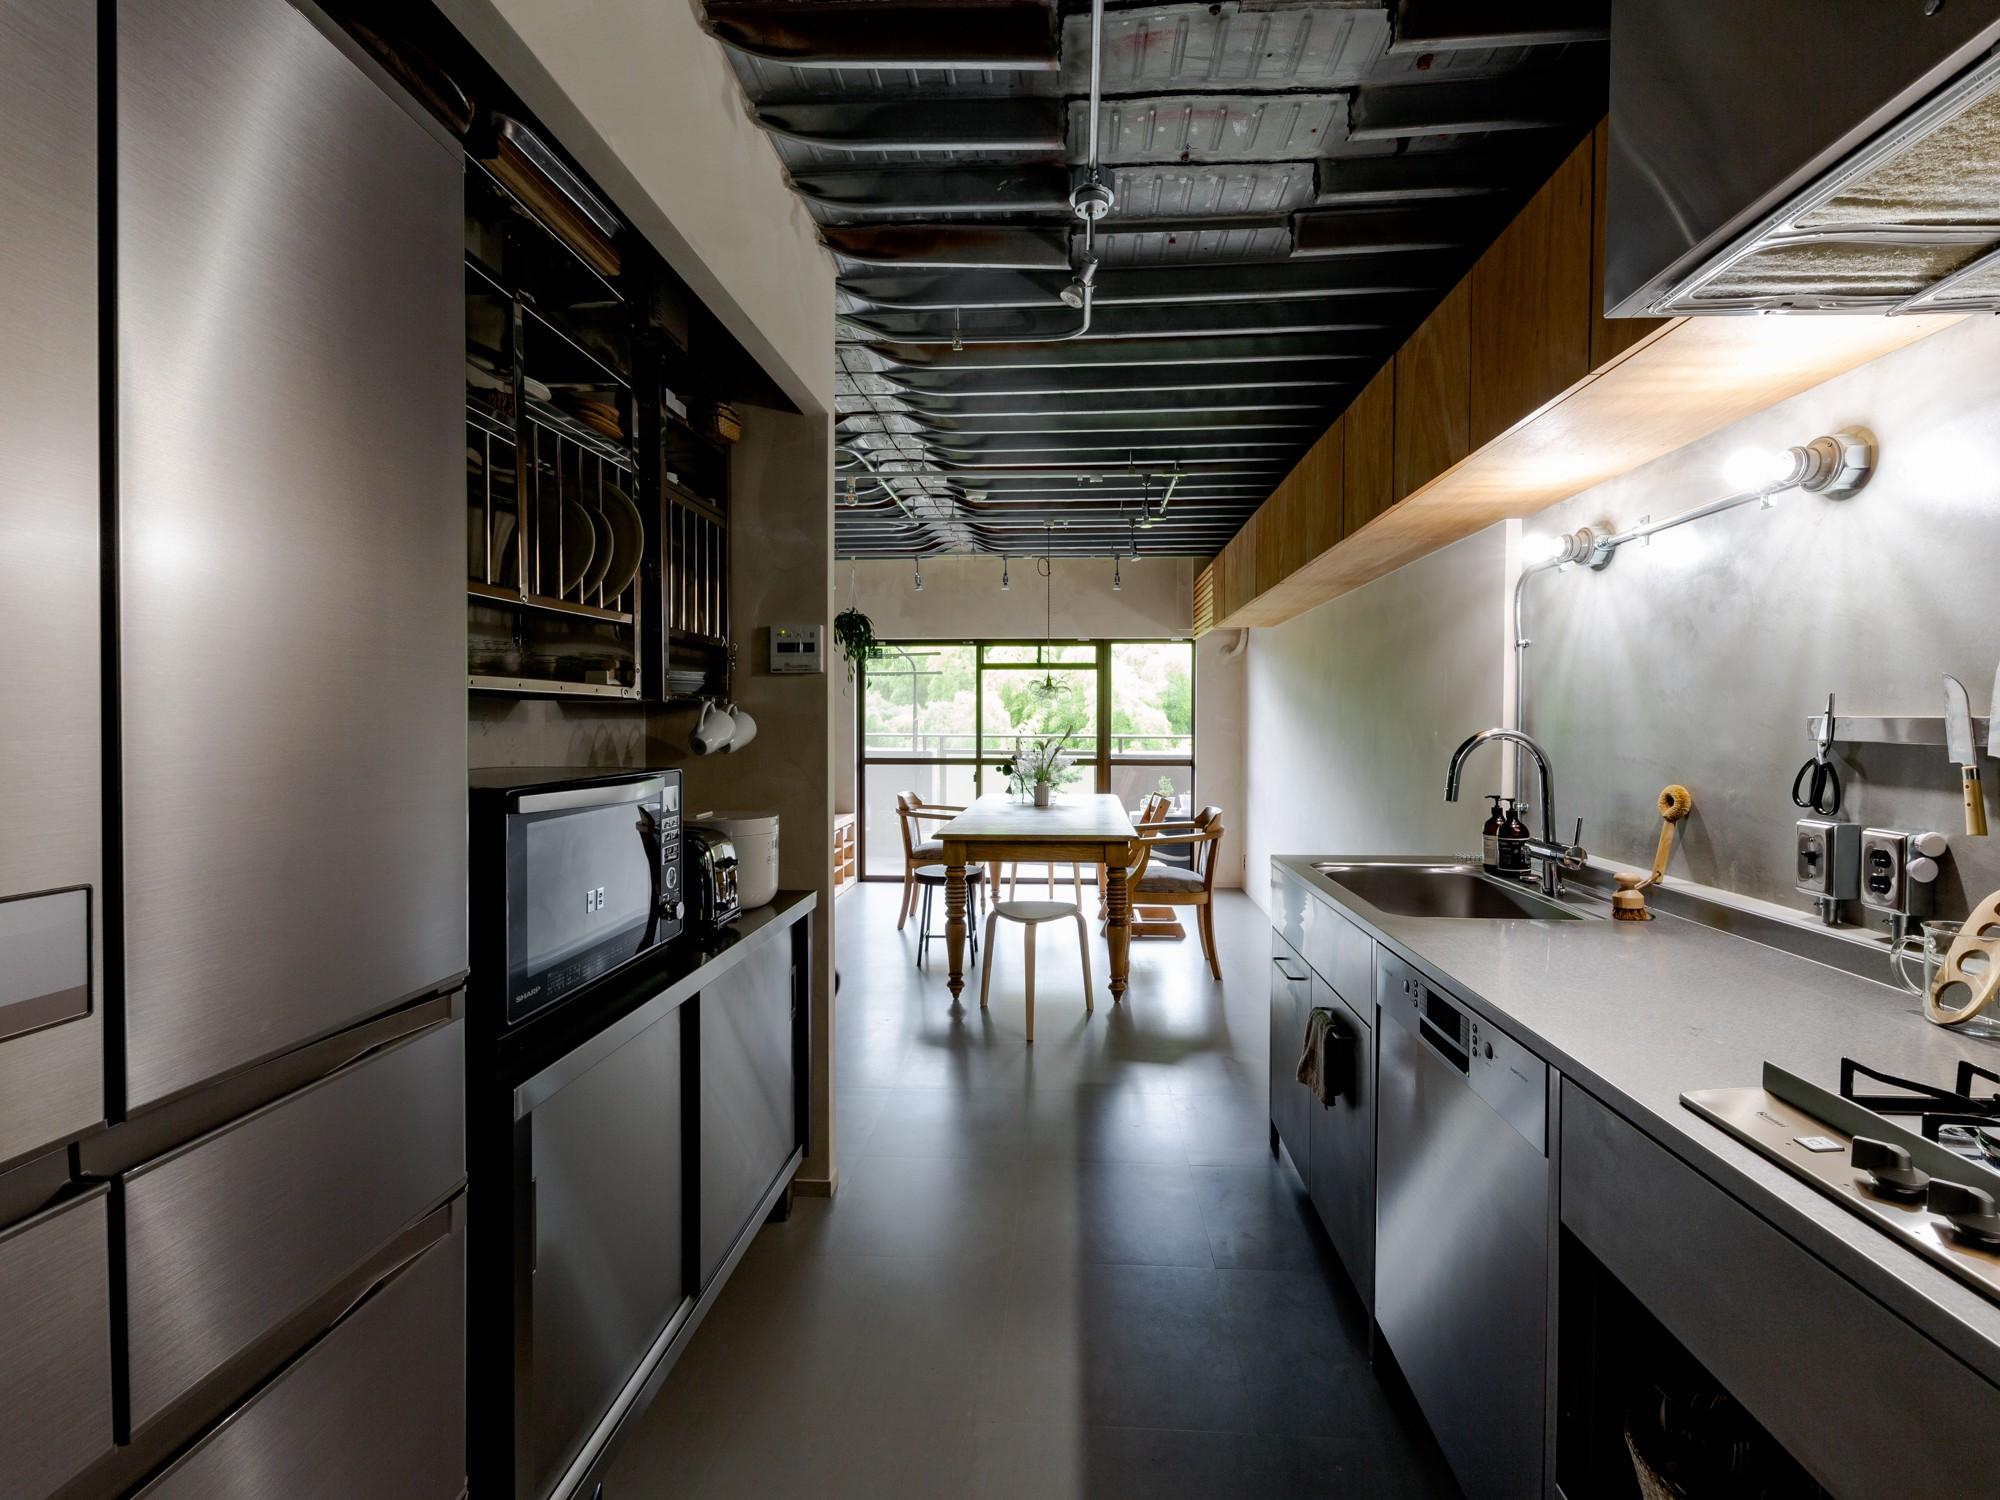 キッチン事例:キッチン(見知らぬ、天井)